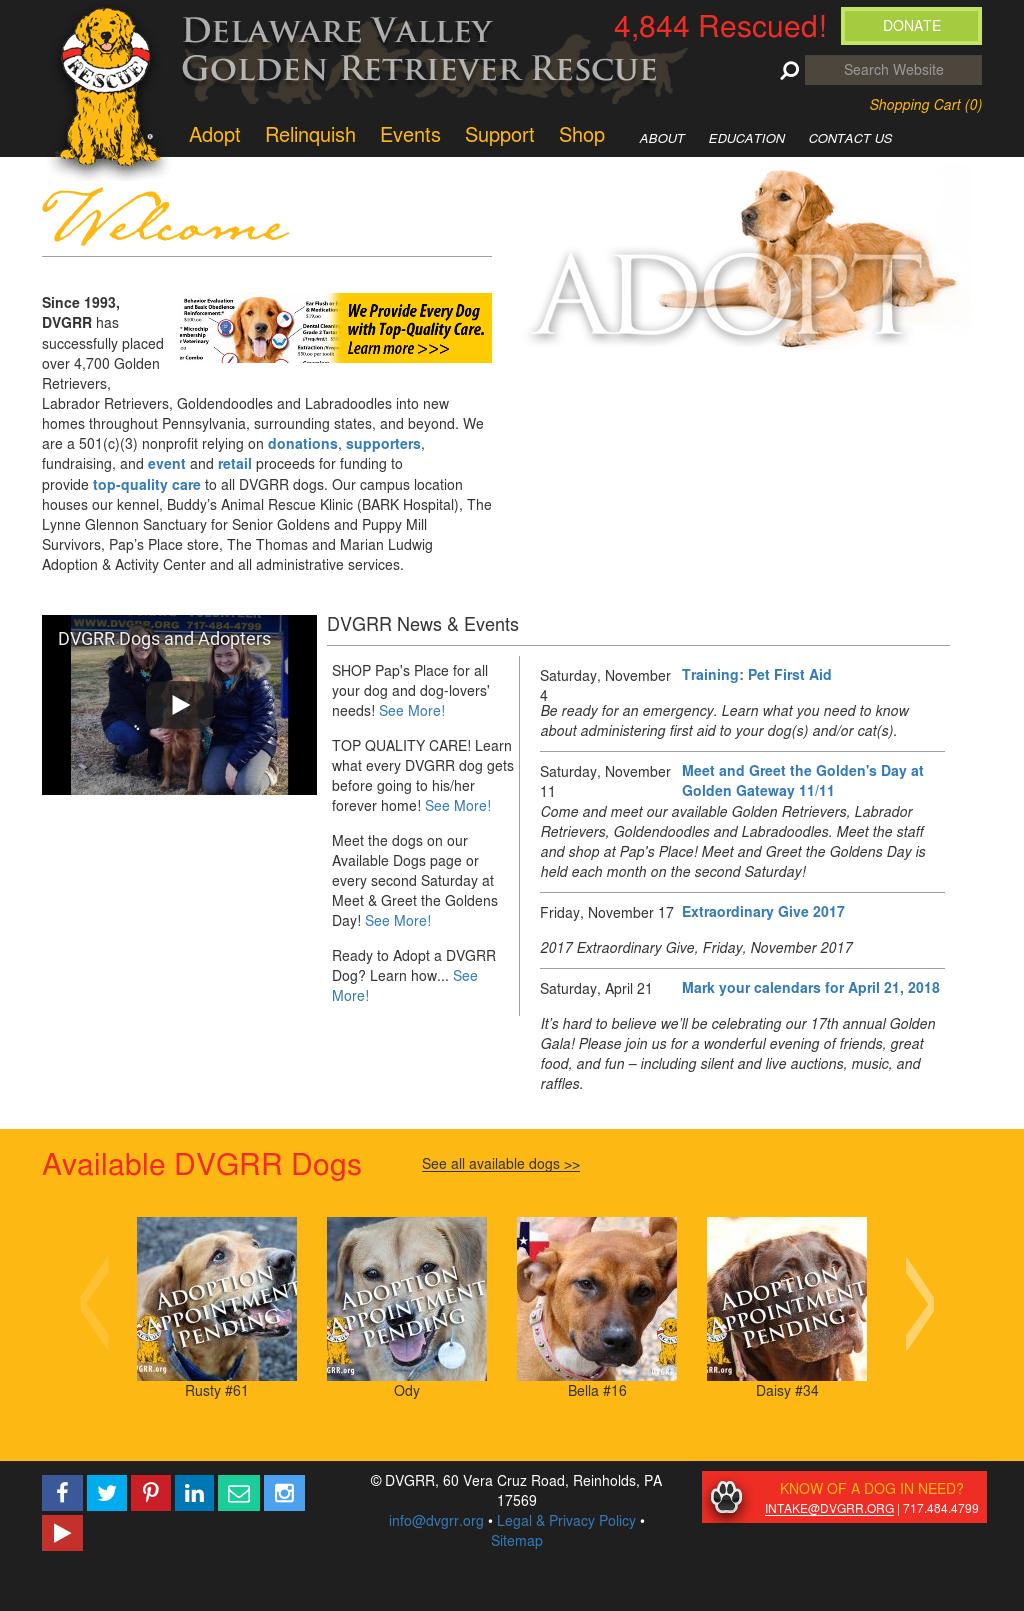 Delaware Valley Golden Retriever Rescue Competitors, Revenue and